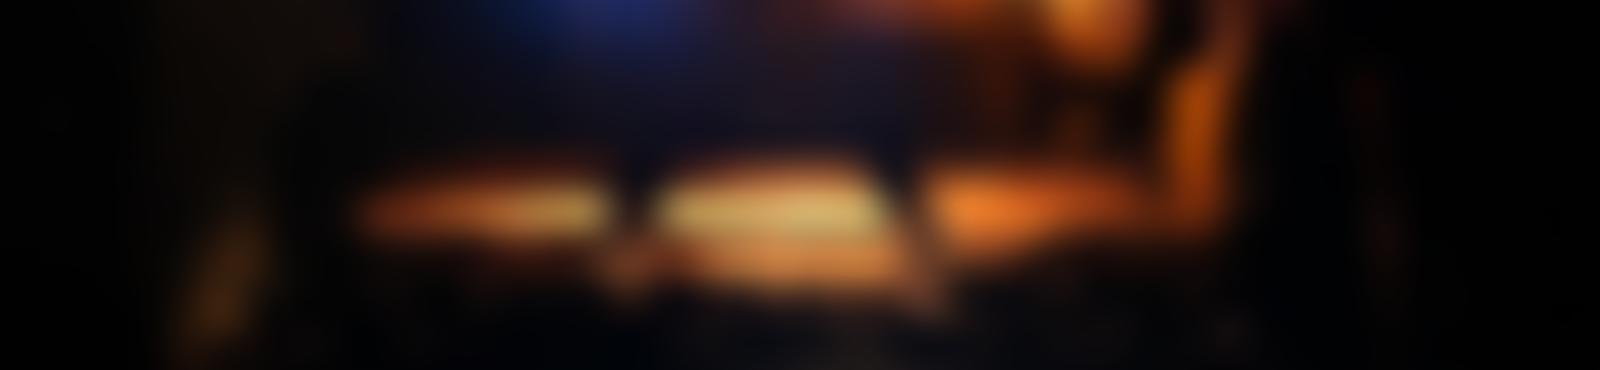 Blurred zuschauerraum